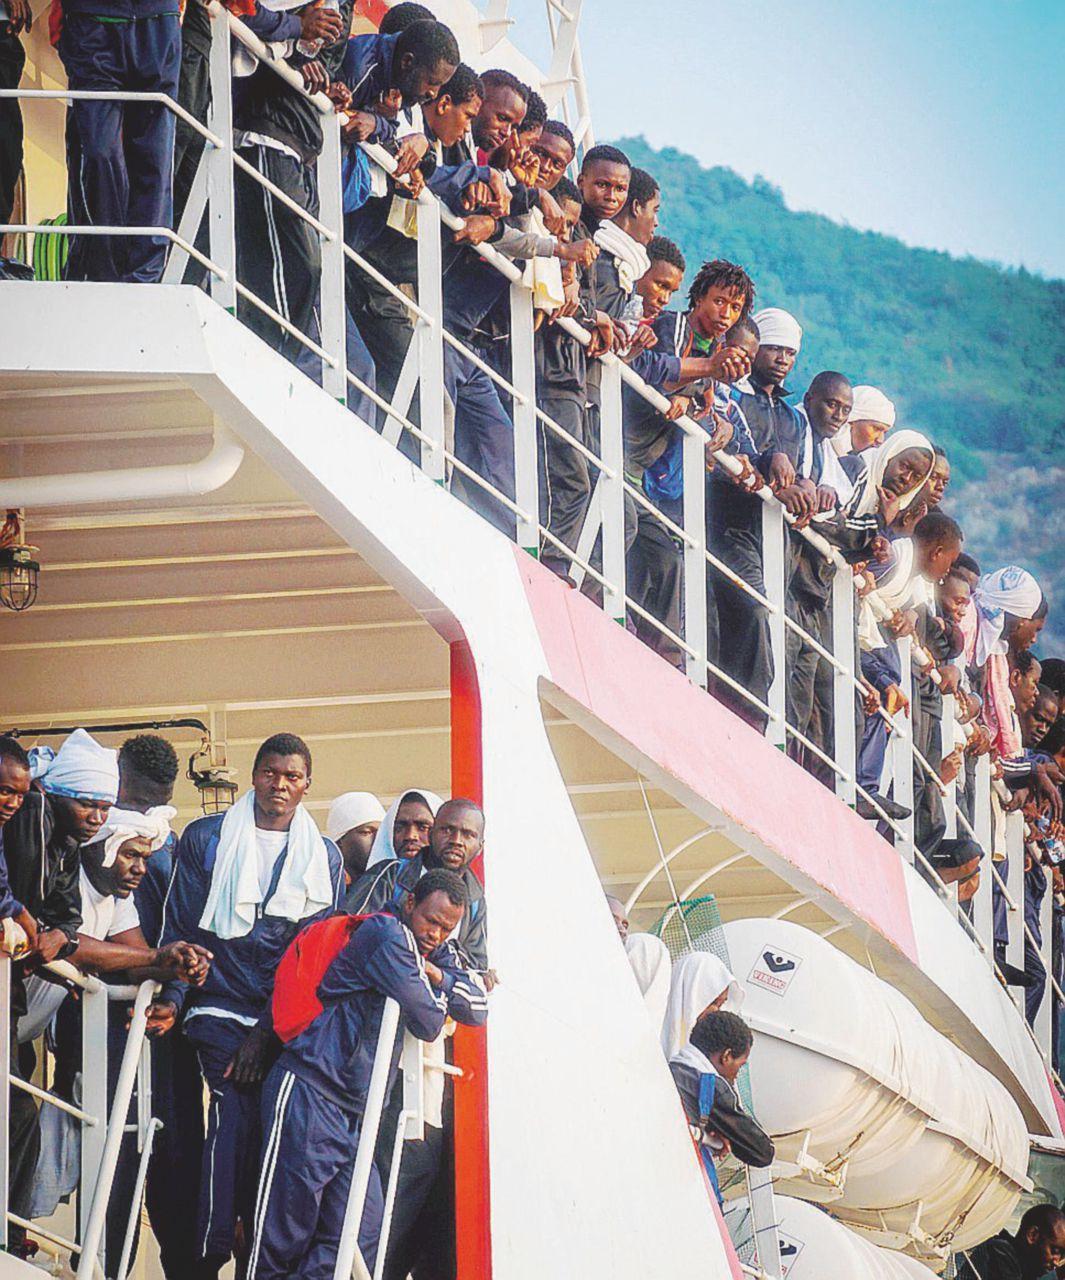 Times: l'Italia potrebbe dare 200 mila visti temporanei ai migranti